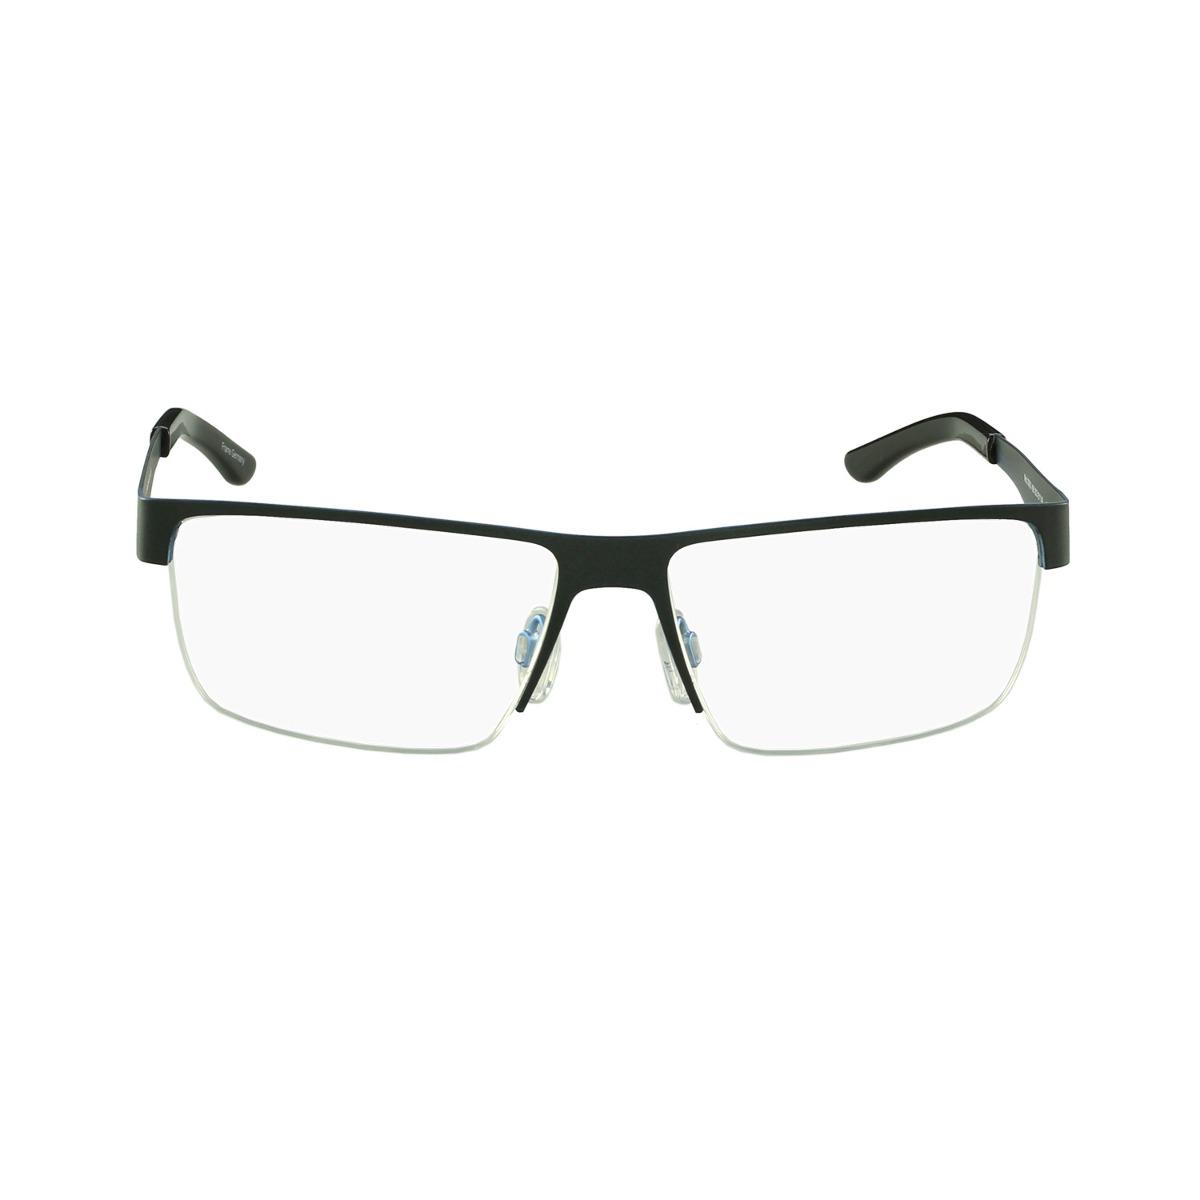 c6da3d02a9279 Óculos De Grau Jaguar Esportivo Azul - R  550